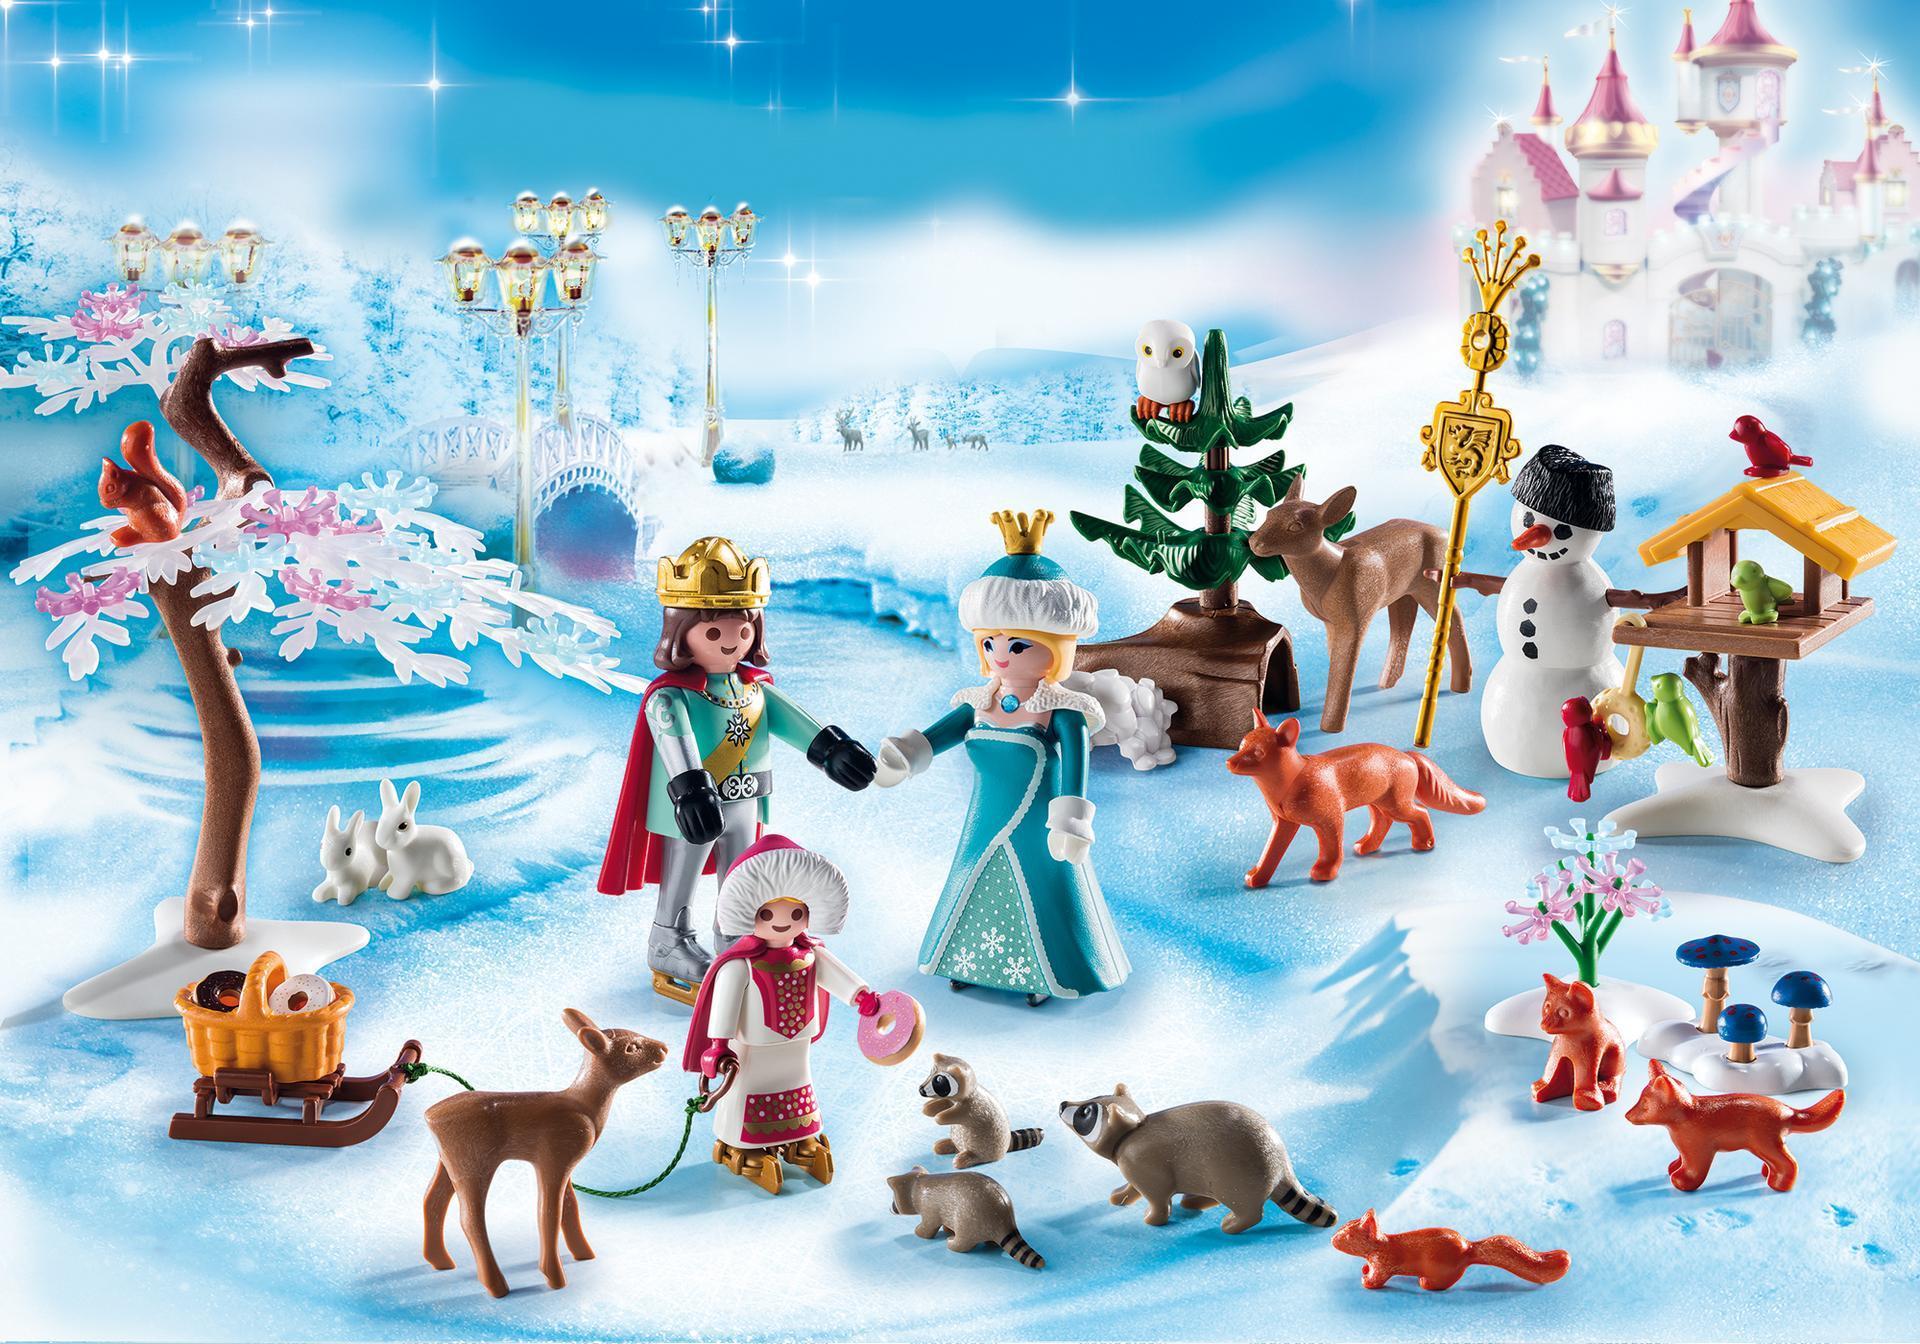 Échelle 1:12 3 osier paniers 4 cm x 2.6 cm tumdee maison de poupées miniature magasin S